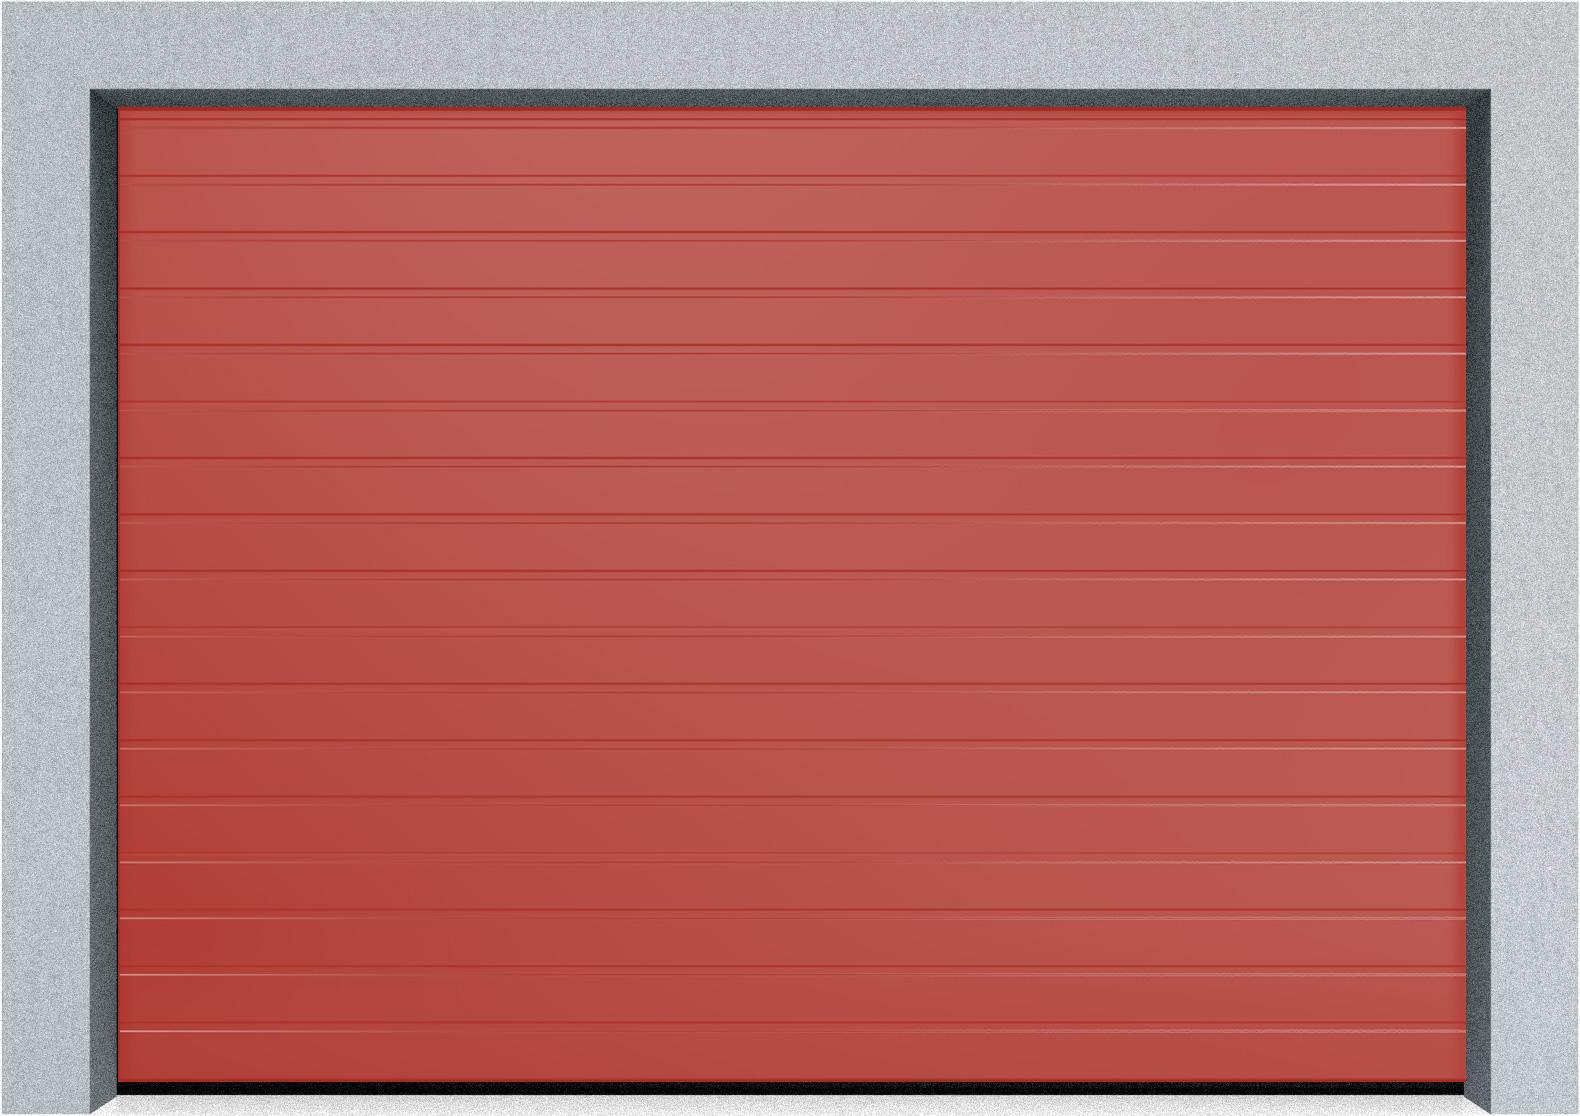 Автоматические секционные промышленные ворота Hormann SPU F42 1500х1875 S-гофр, Микроволна стандартные цвета, фото 1